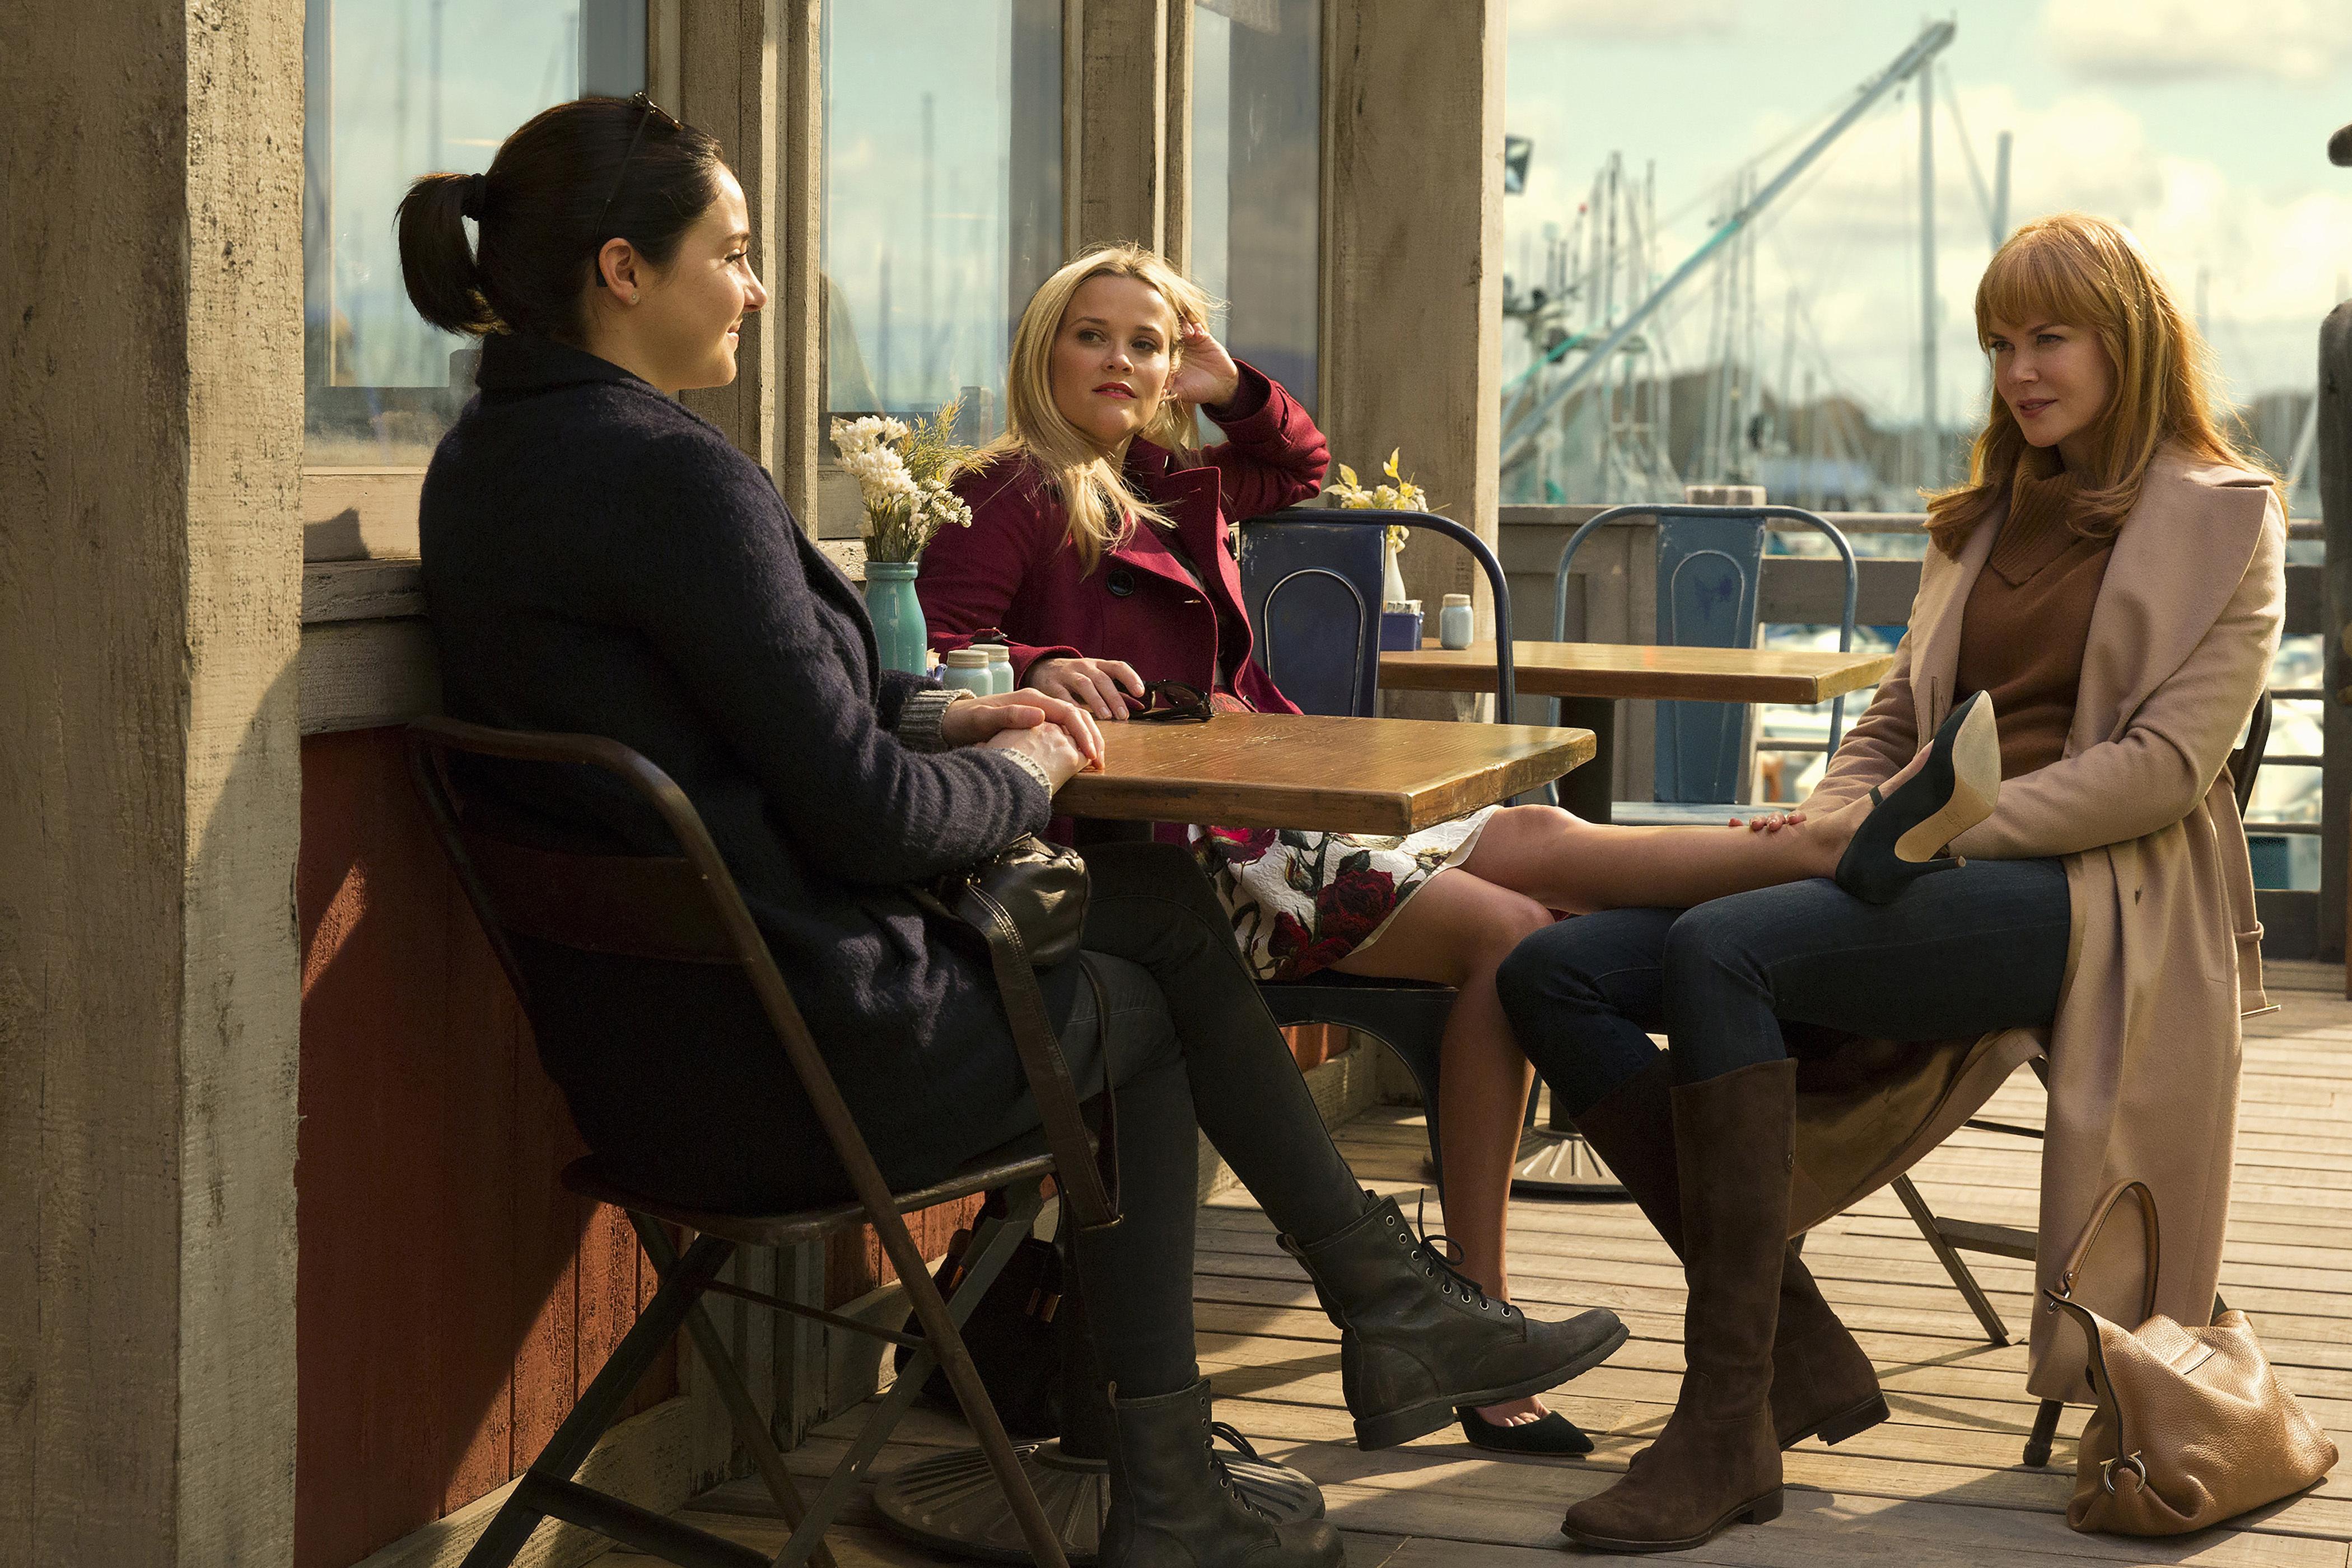 Shailene Woodley as  Jane Chapman, Reese Witherspoon as  Madeline Martha Mackenzie and Nicole Kidman as  Celeste Wright.